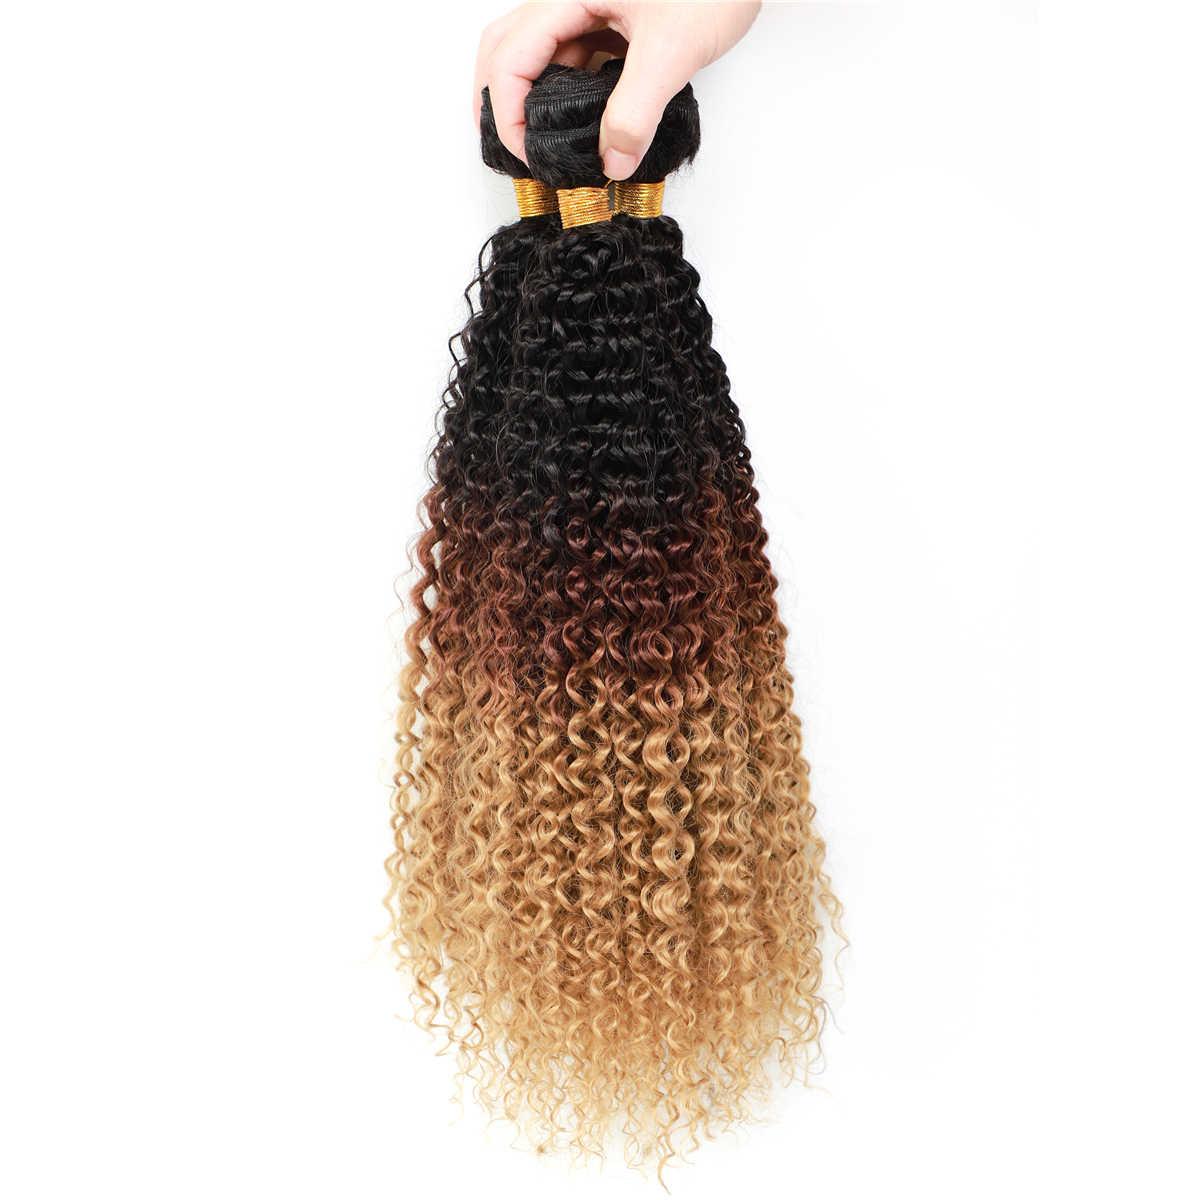 YunRong Ombre blond syntetyczne perwersyjne kręcone włosy rozszerzenia 100 g/sztuka czarne korzenie T1B/4/27 Afro kręcone wiązki żaroodporne